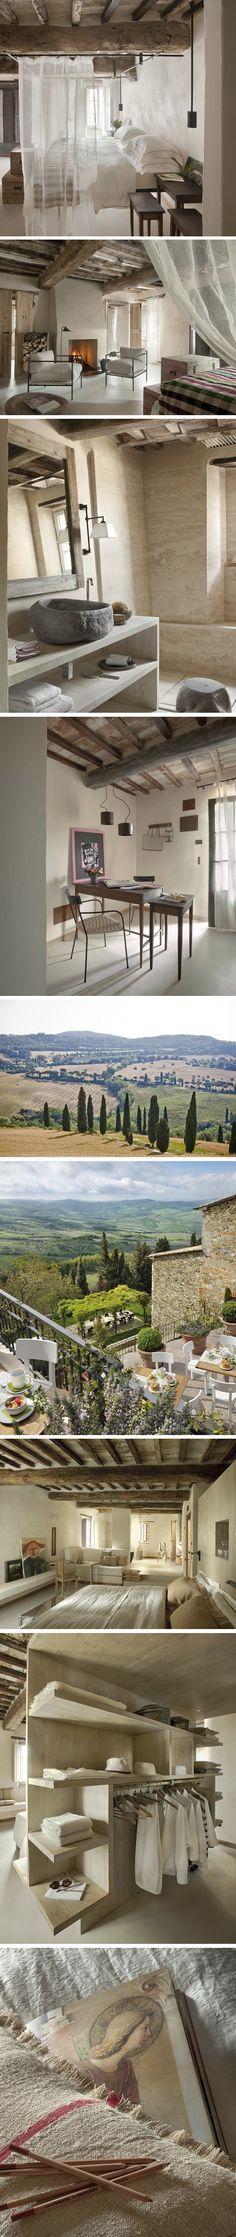 Italy DIAiSM ACQUIRE UNDERSTANDING ATELIER DIA ATELIERDiA